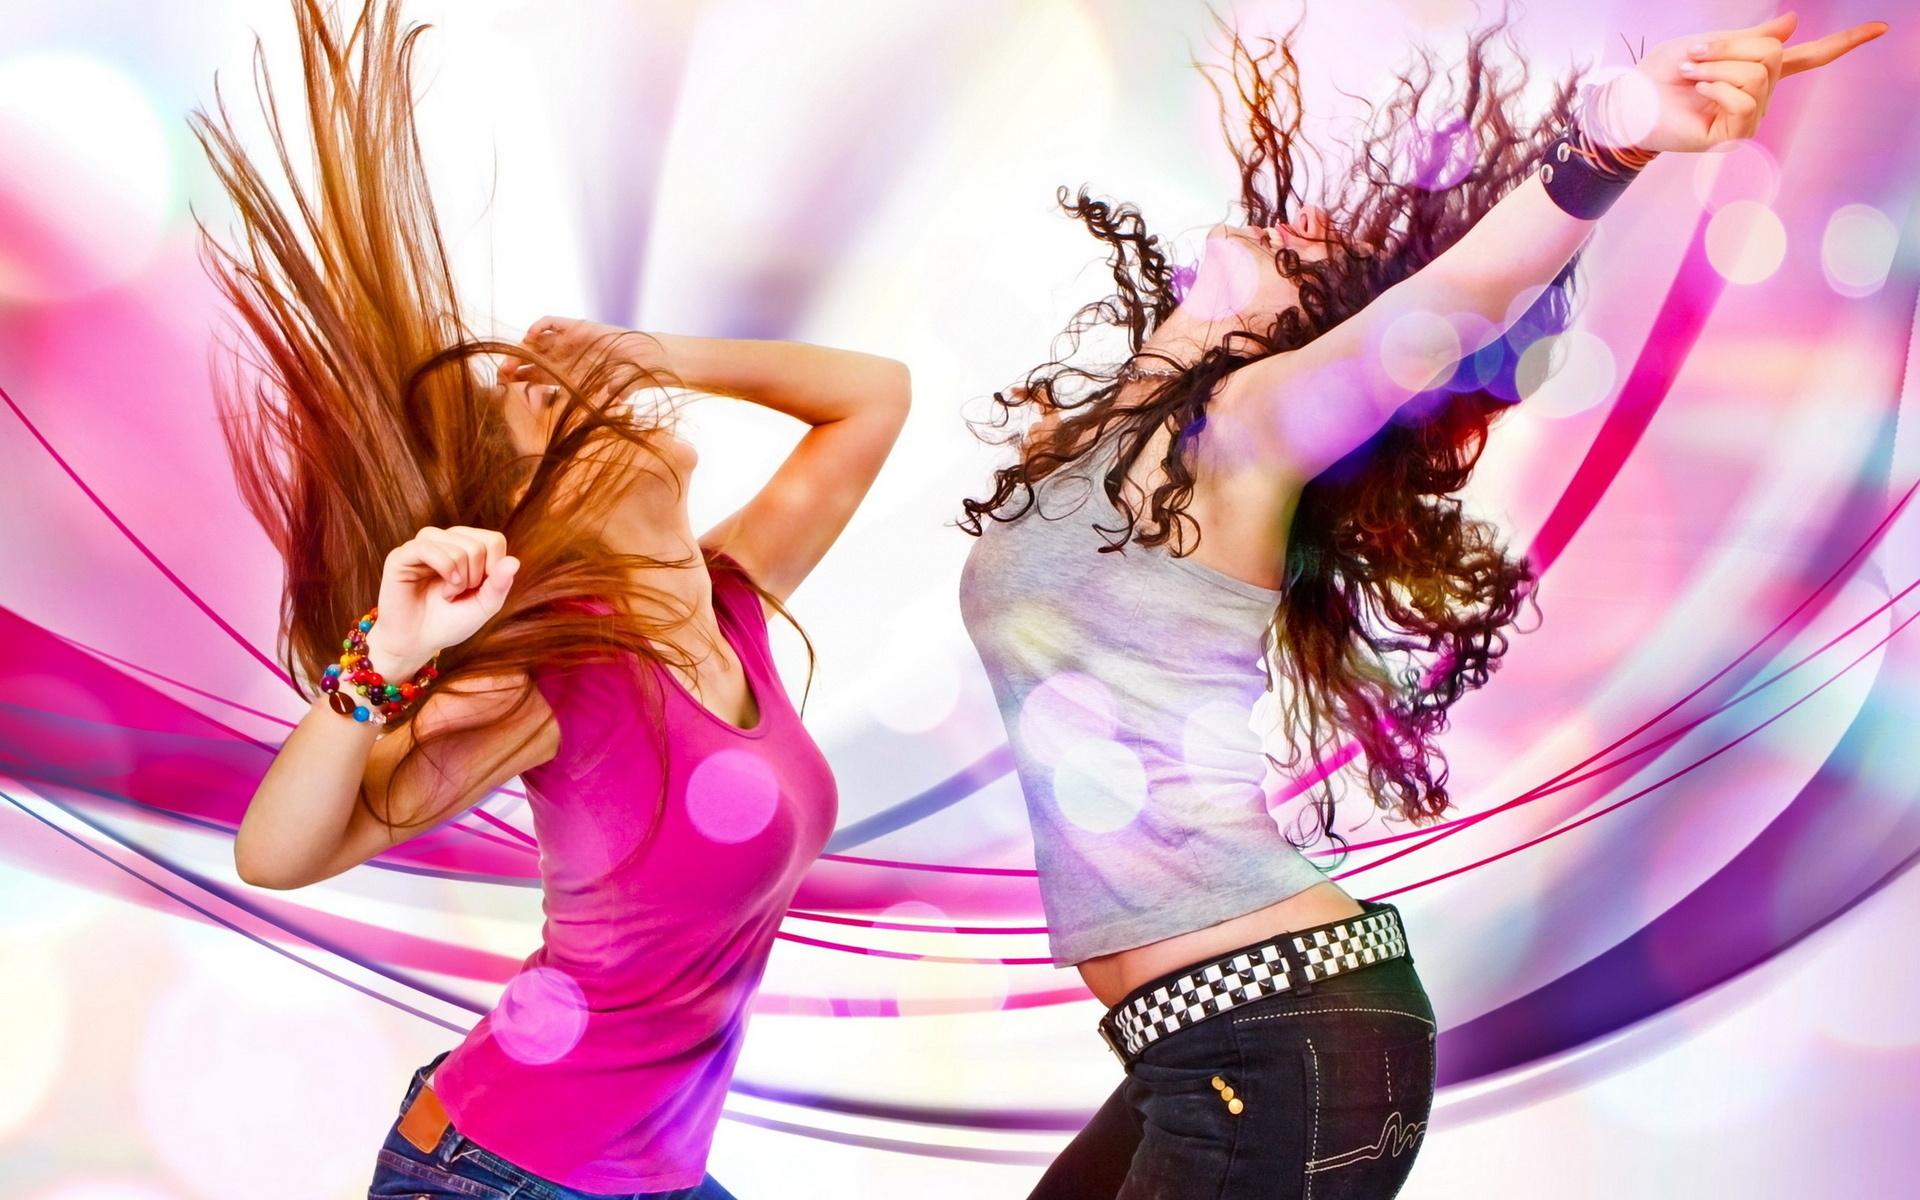 Я танцую разноцветные картинки